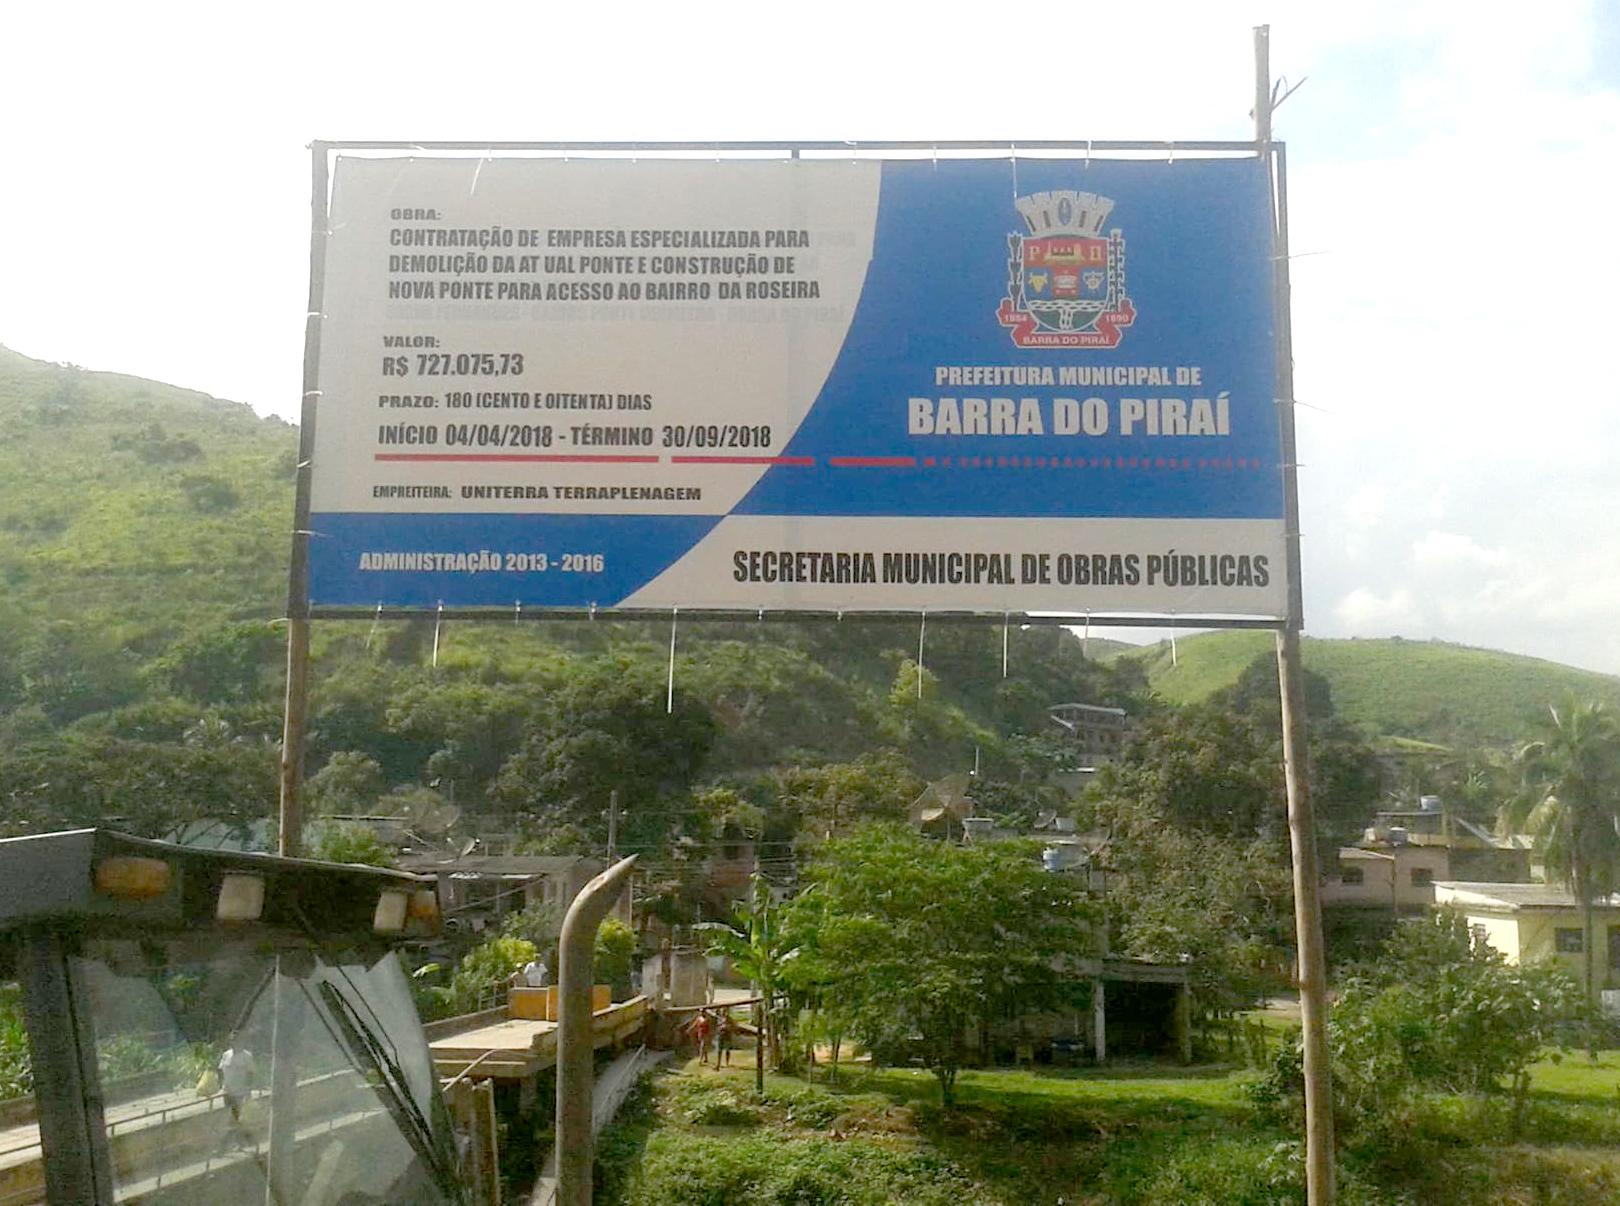 Empreiteira contratada pela Prefeitura de Barra do Piraí inicia obra ...